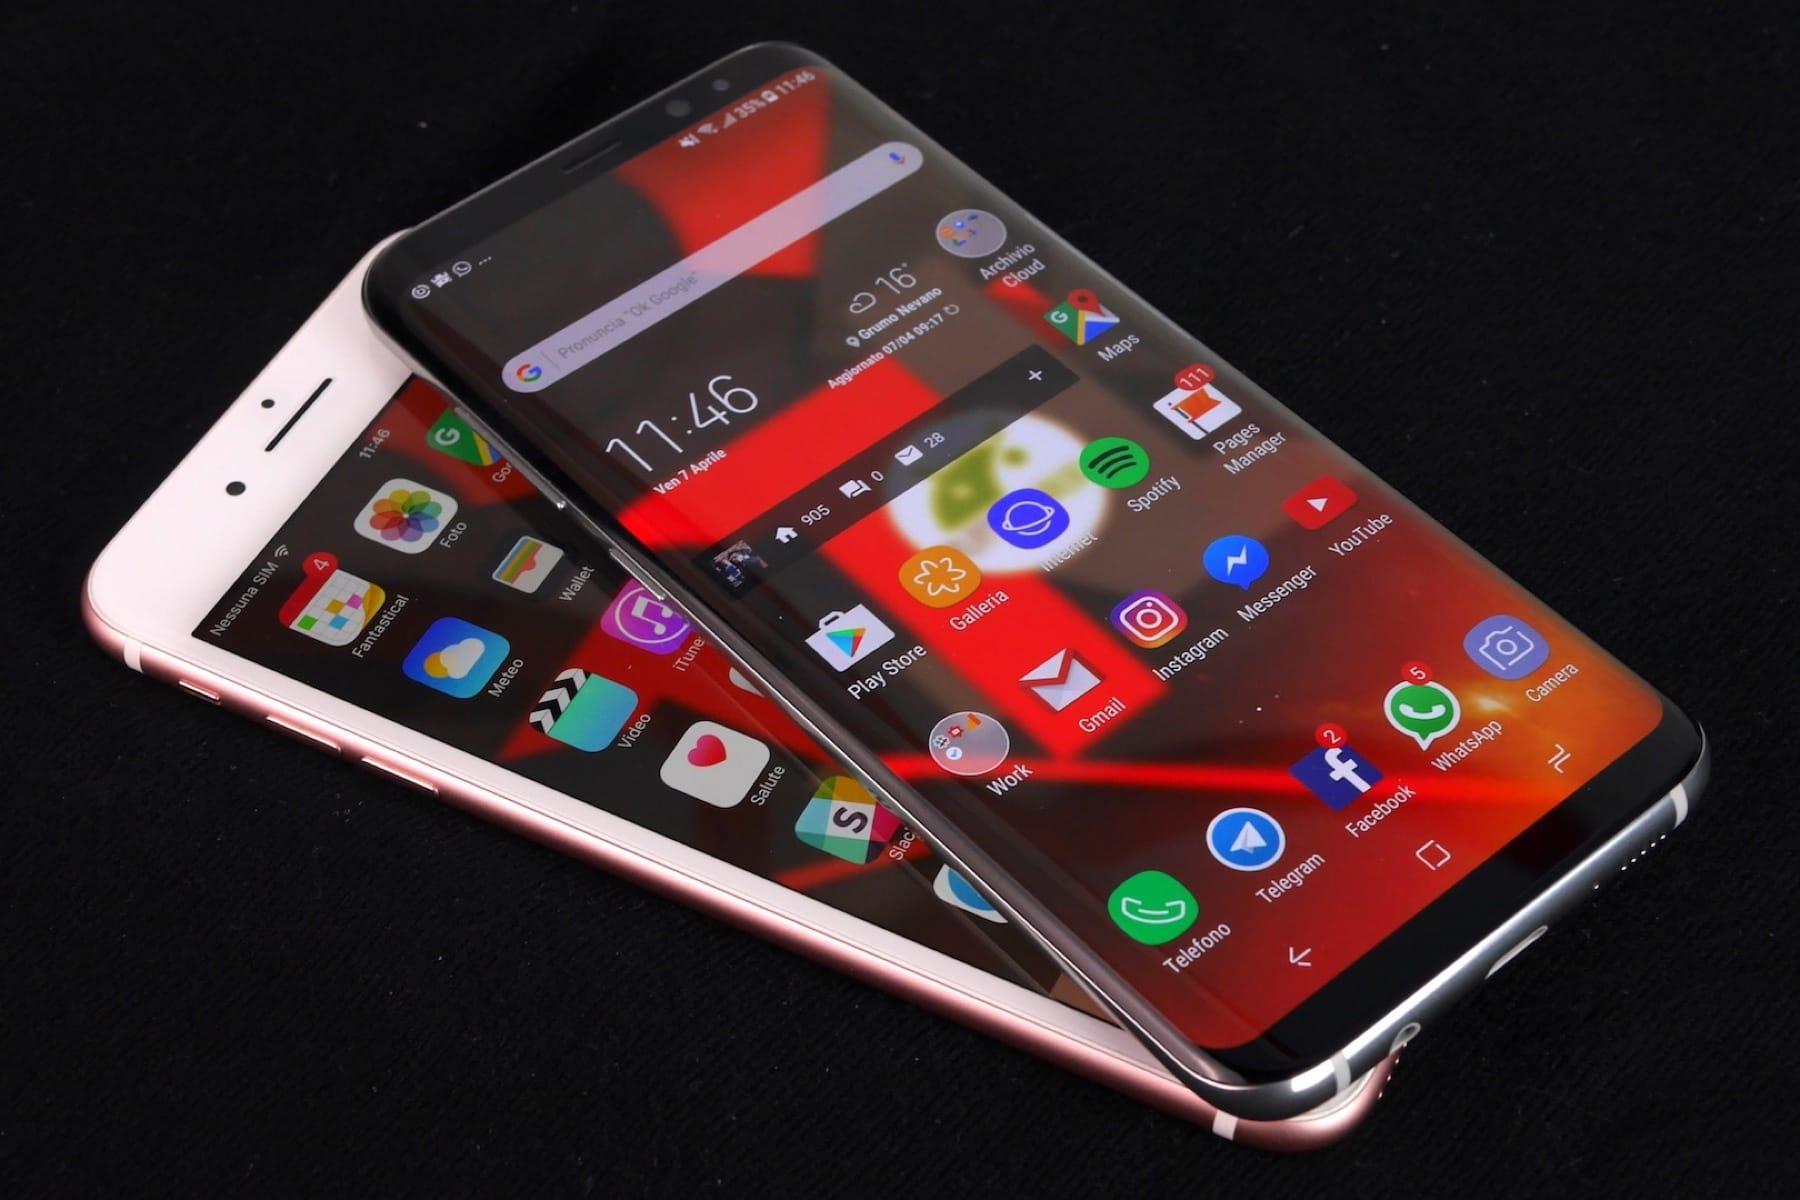 Россияне стали тратить на смартфоны больше, чем в докризисные времена